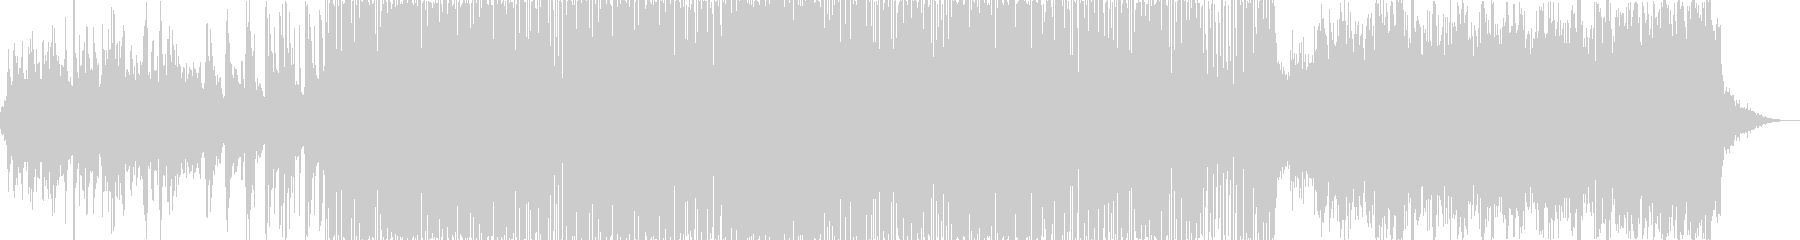 メロウ・アコースティックなチルアウト・…の未再生の波形